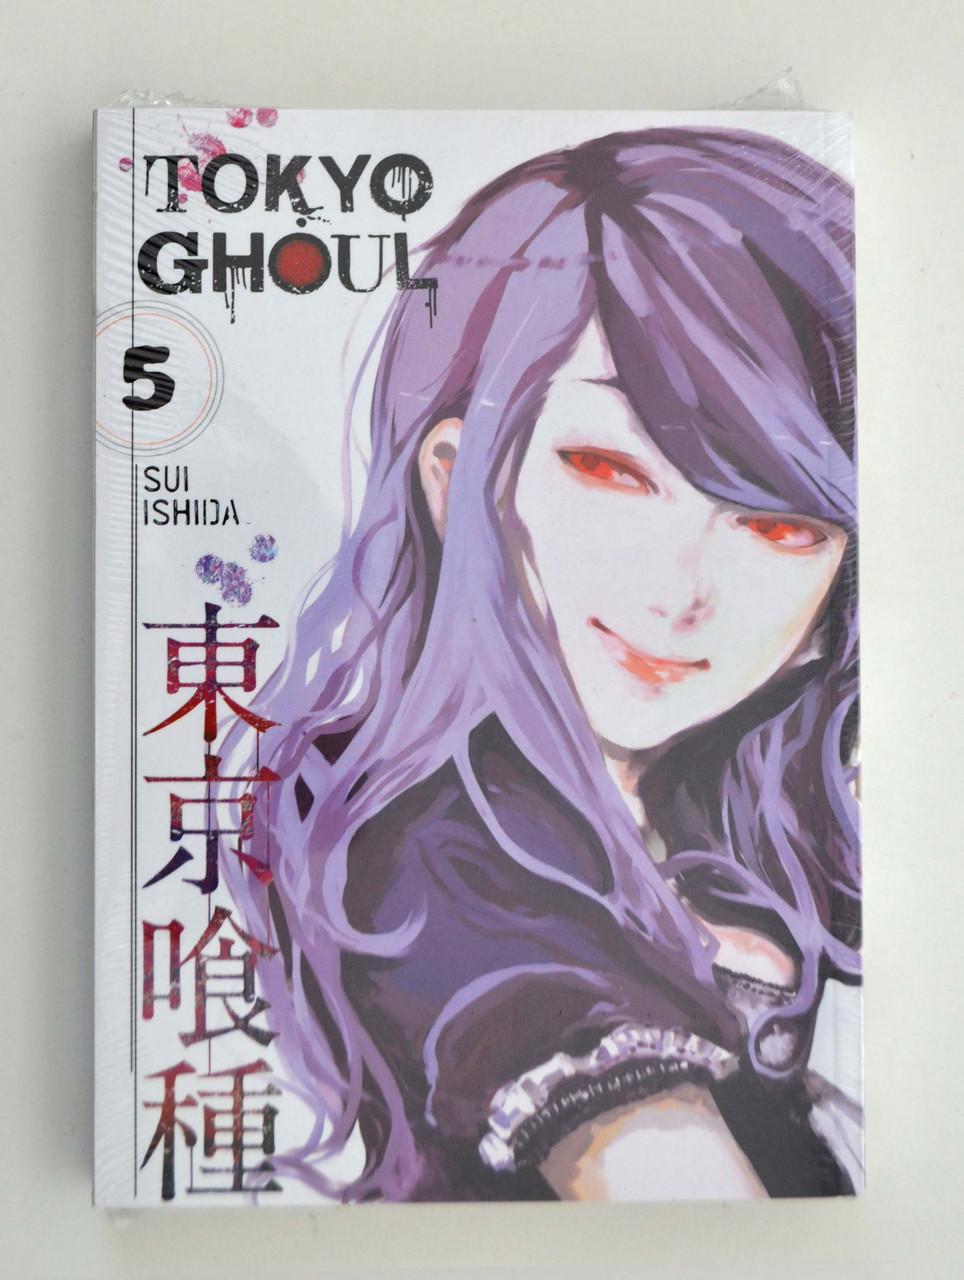 Manga  Tokyo Ghoul. Volume 5 (English language)